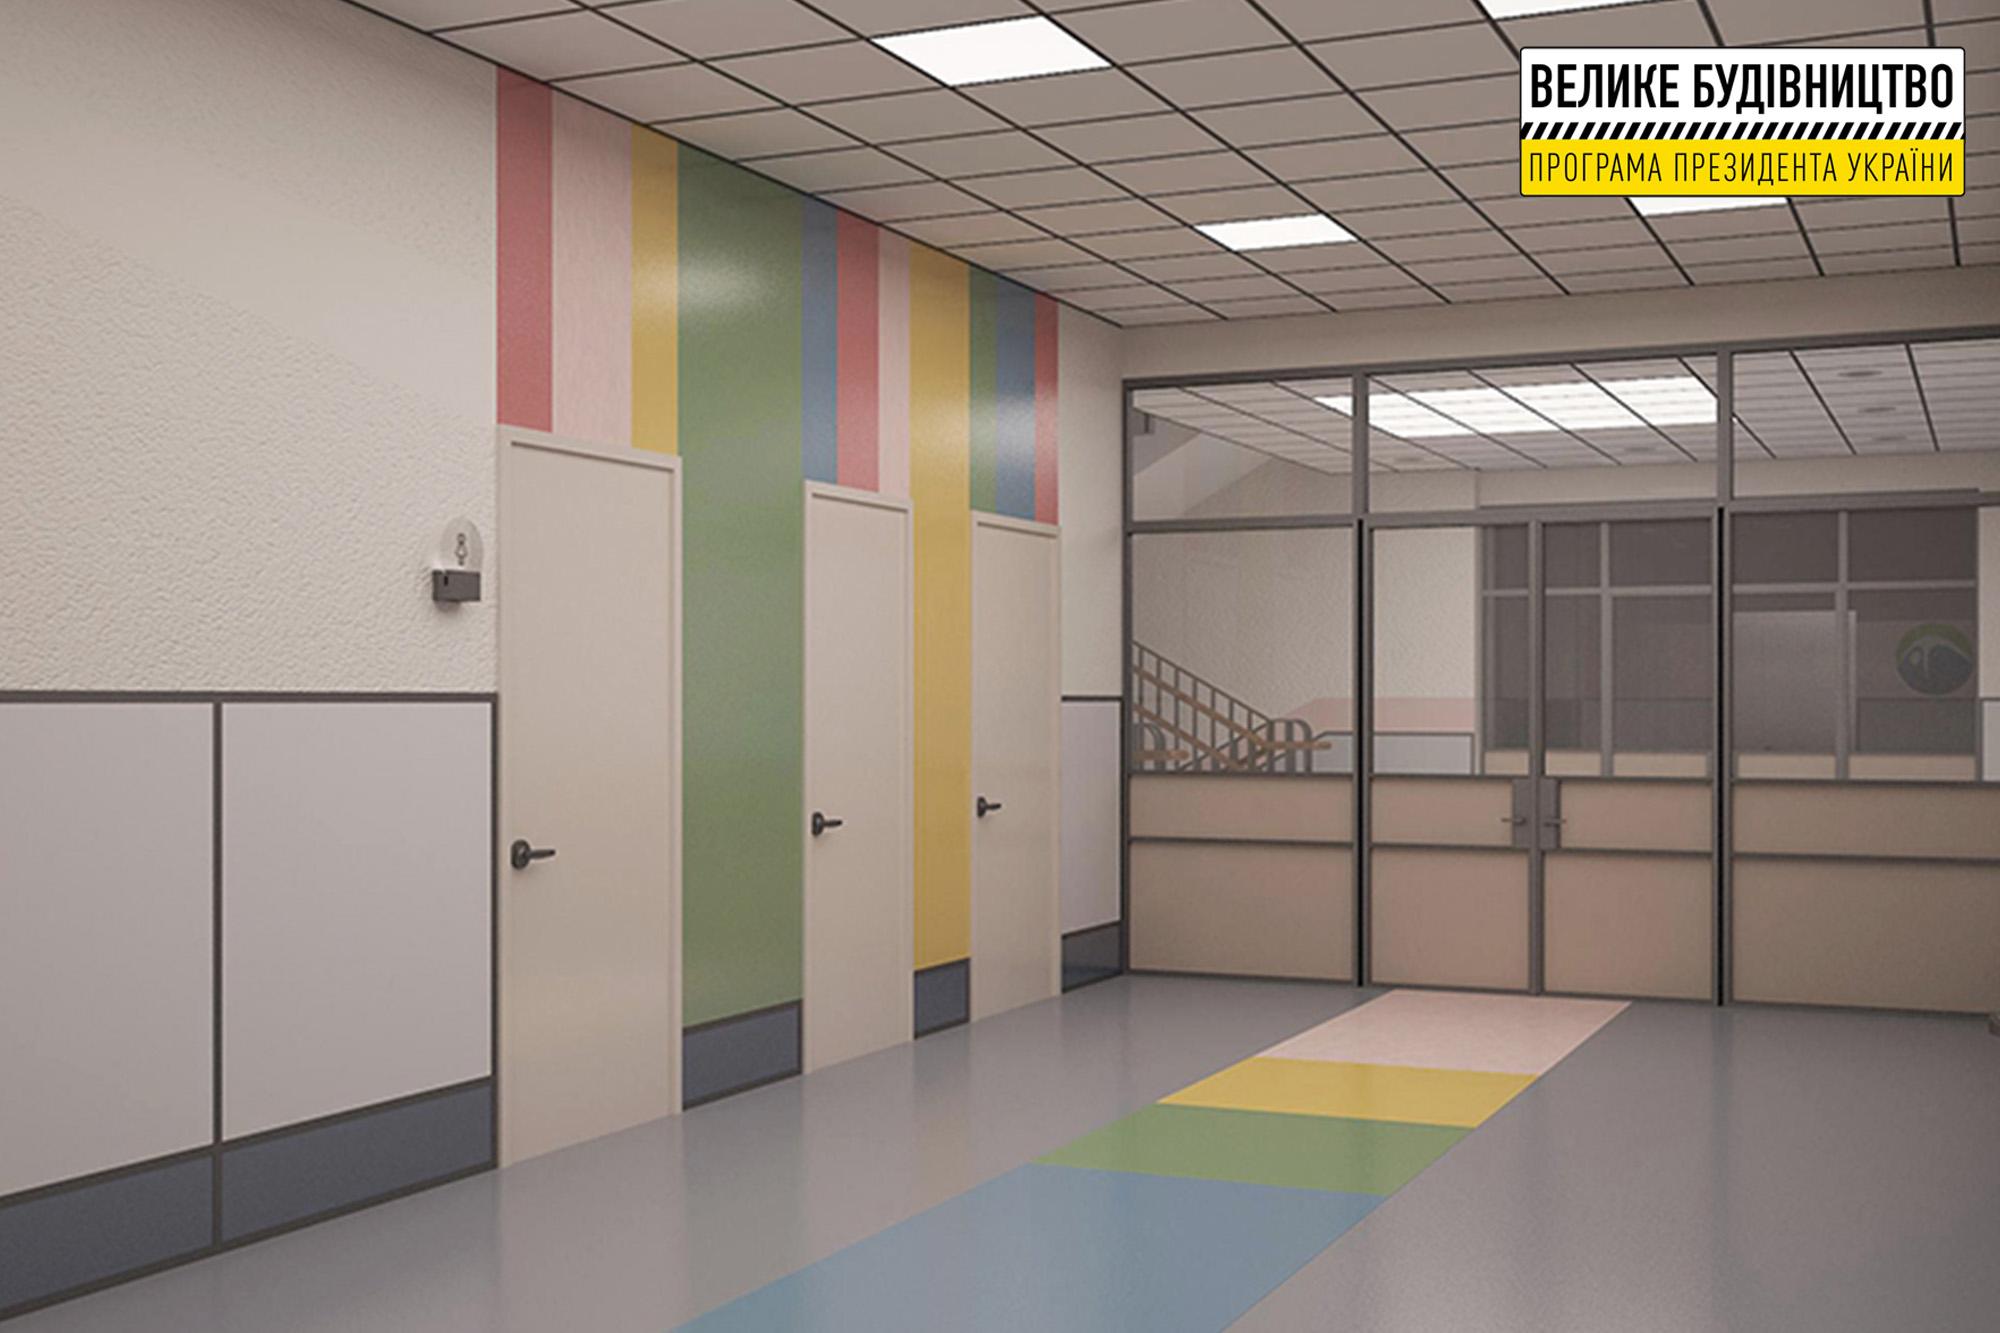 Дітям – яскраві затишні коридори